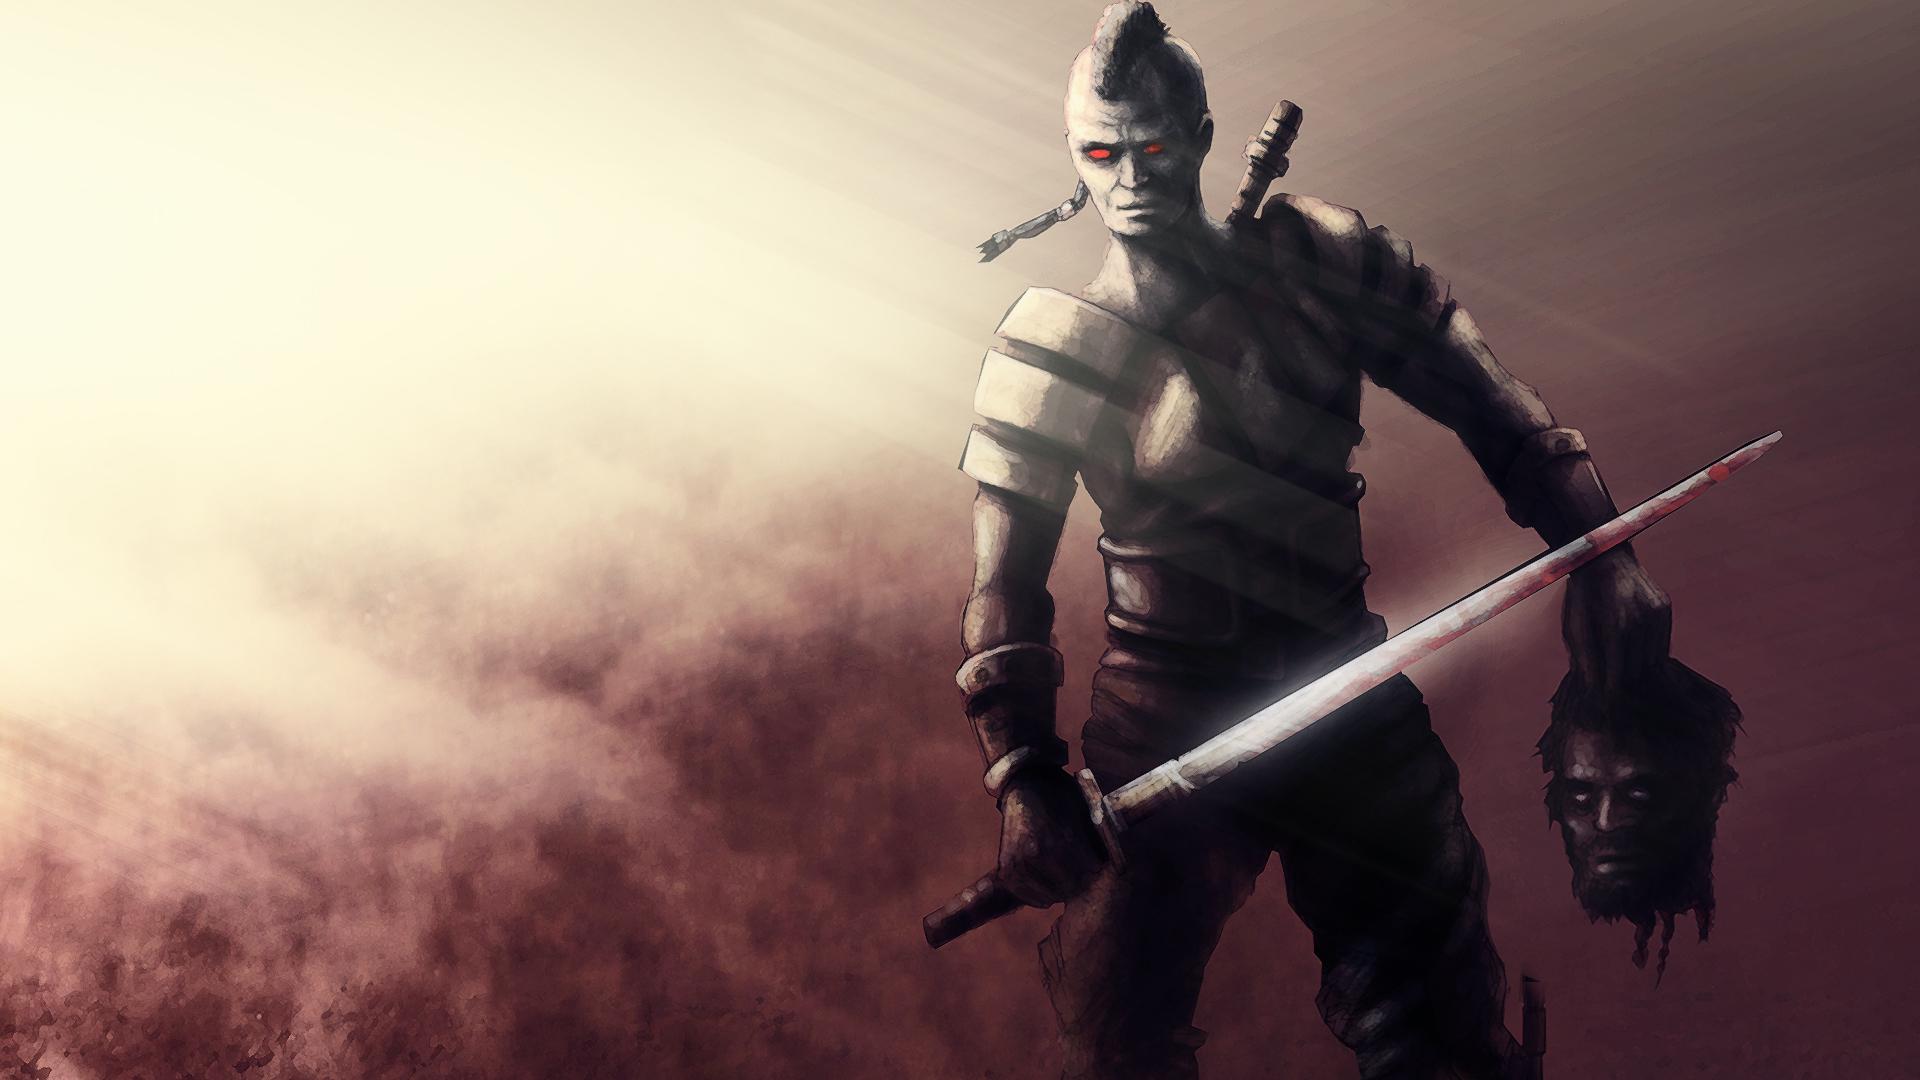 Highlander_Future_Warrior